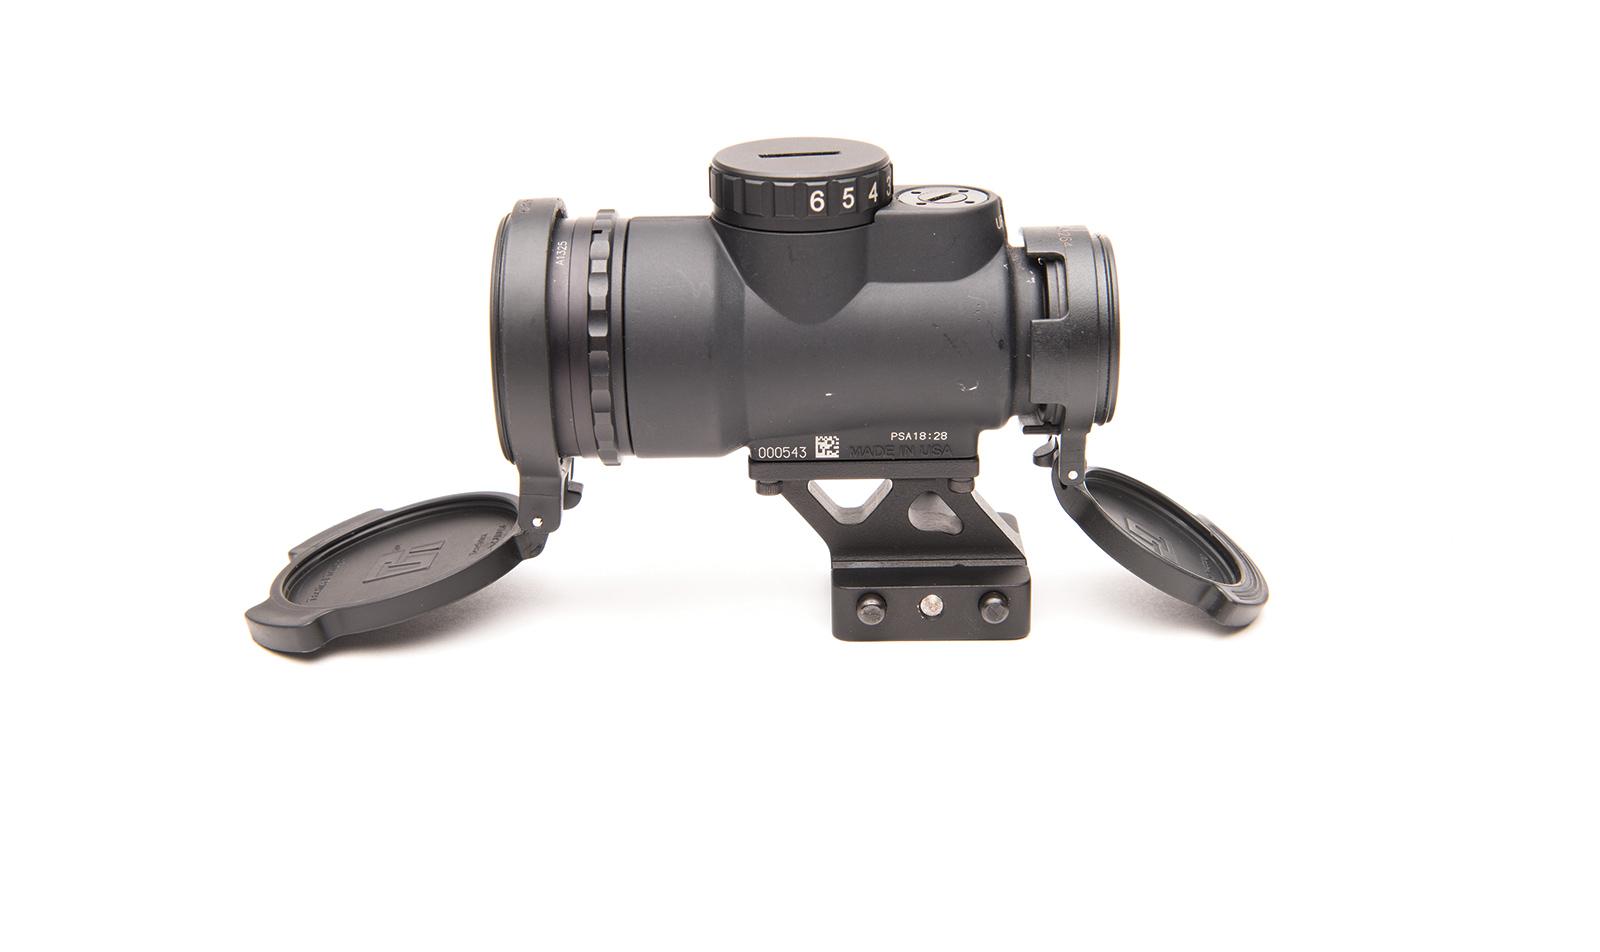 MRO-C-2200018 angle 2